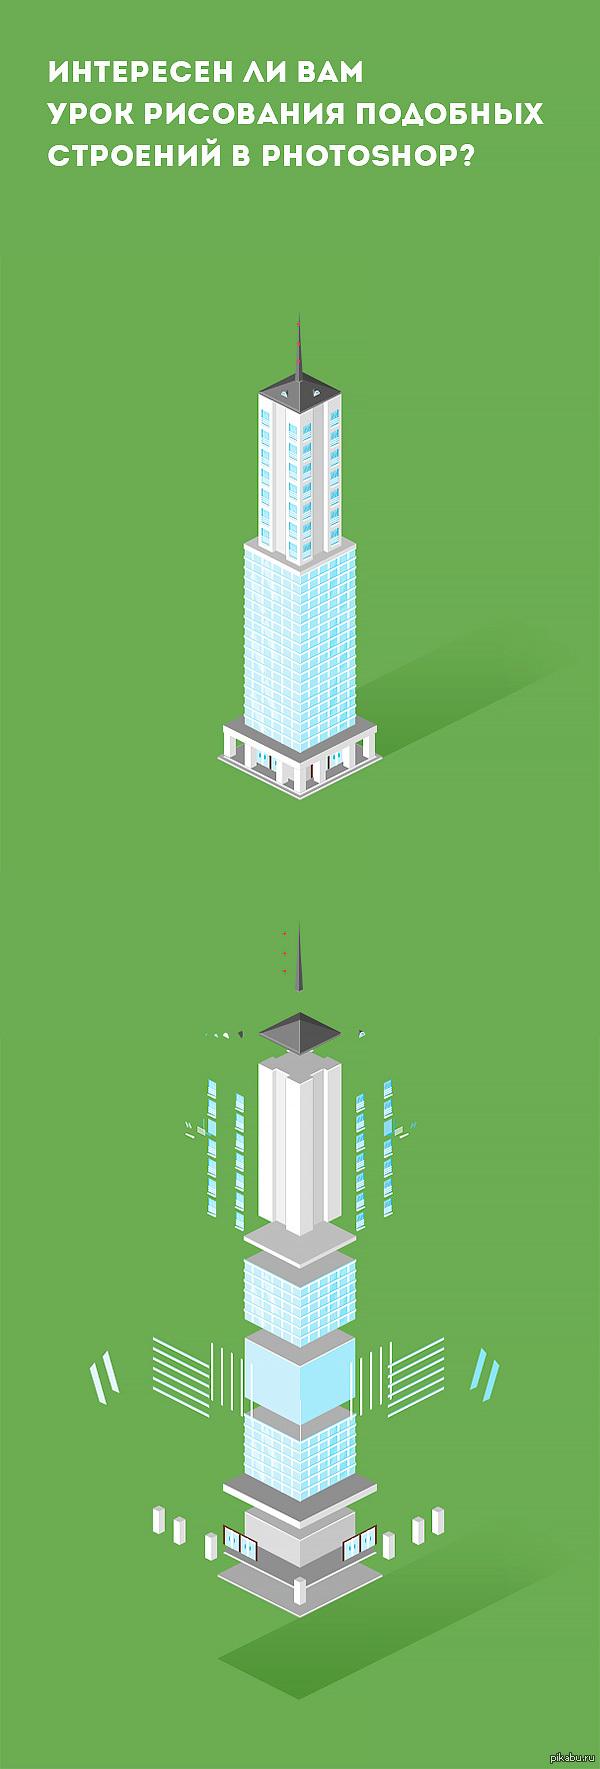 Векторные строения в фотошопе